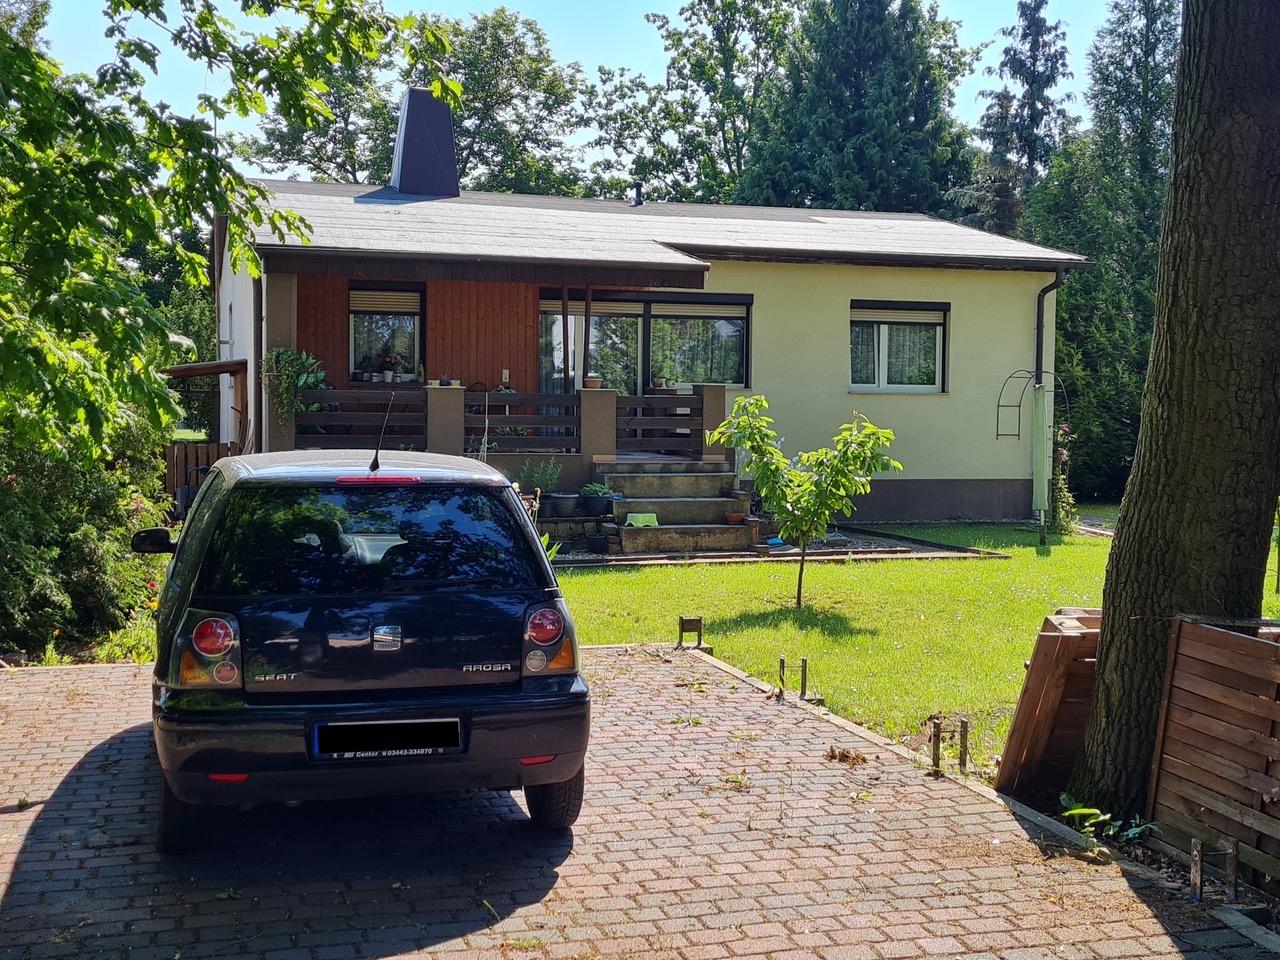 +++ RERSERVIERT +++ Bungalow mit schönem Grundstück in Magdeburg - Berliner Chaussee